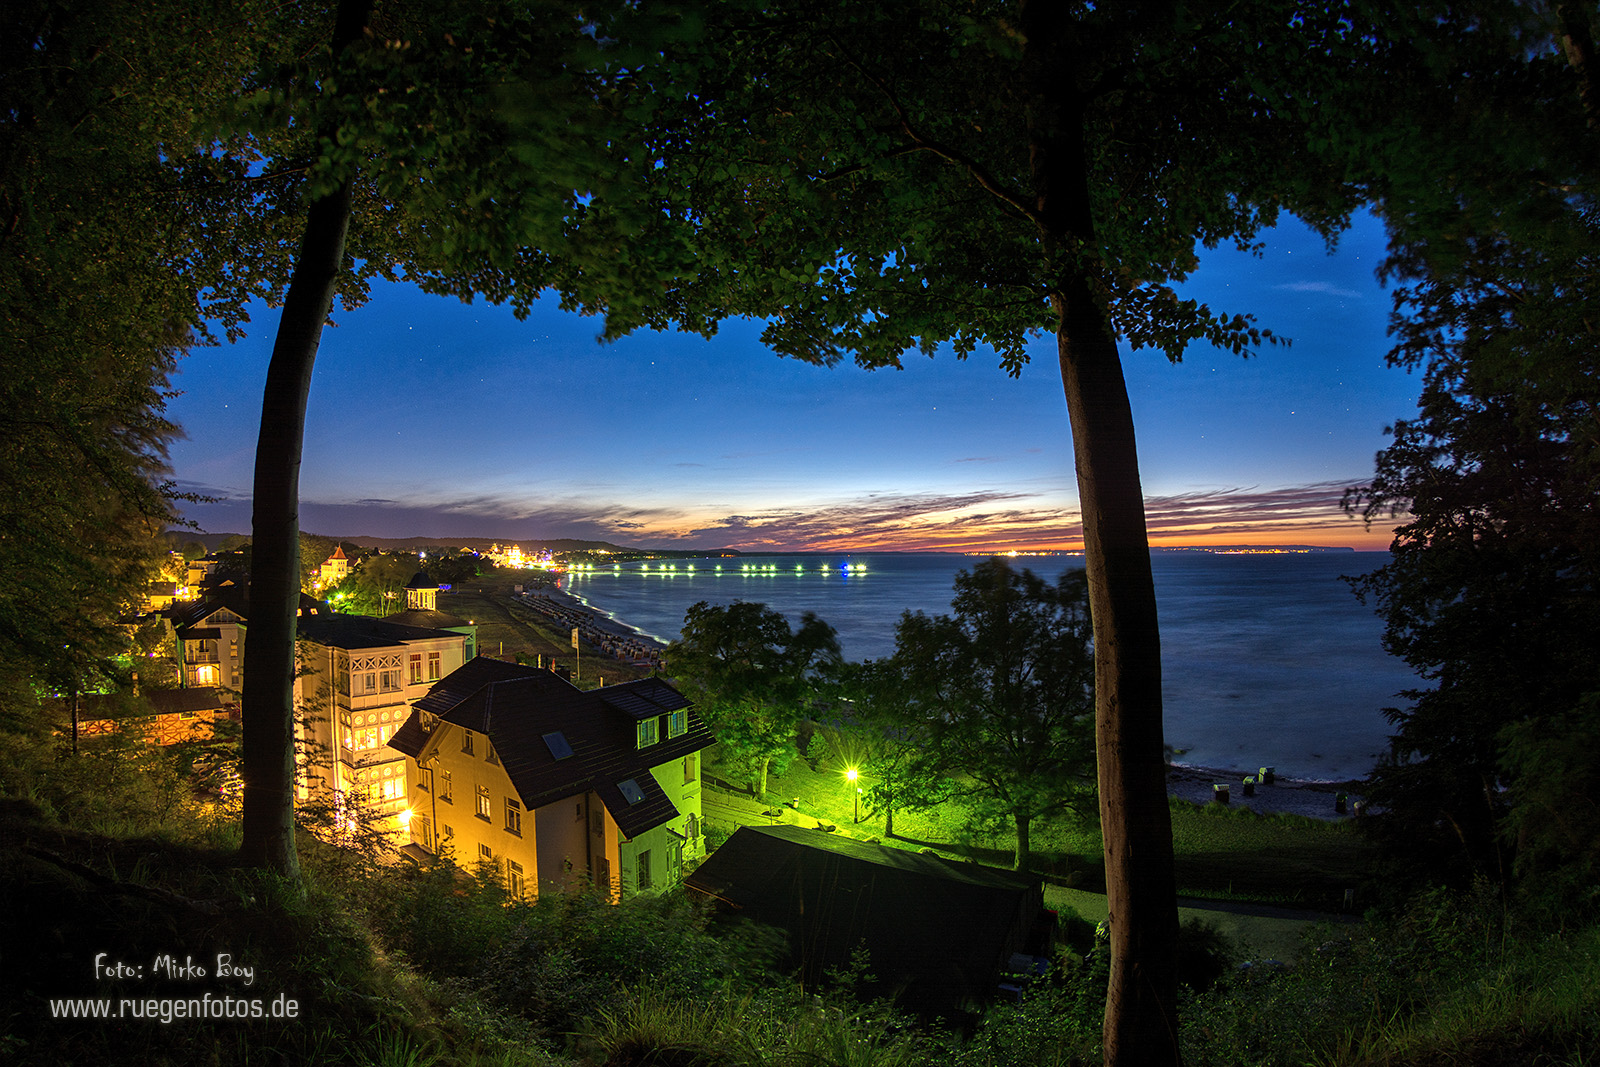 Binzblick bei Nacht - Fototouren